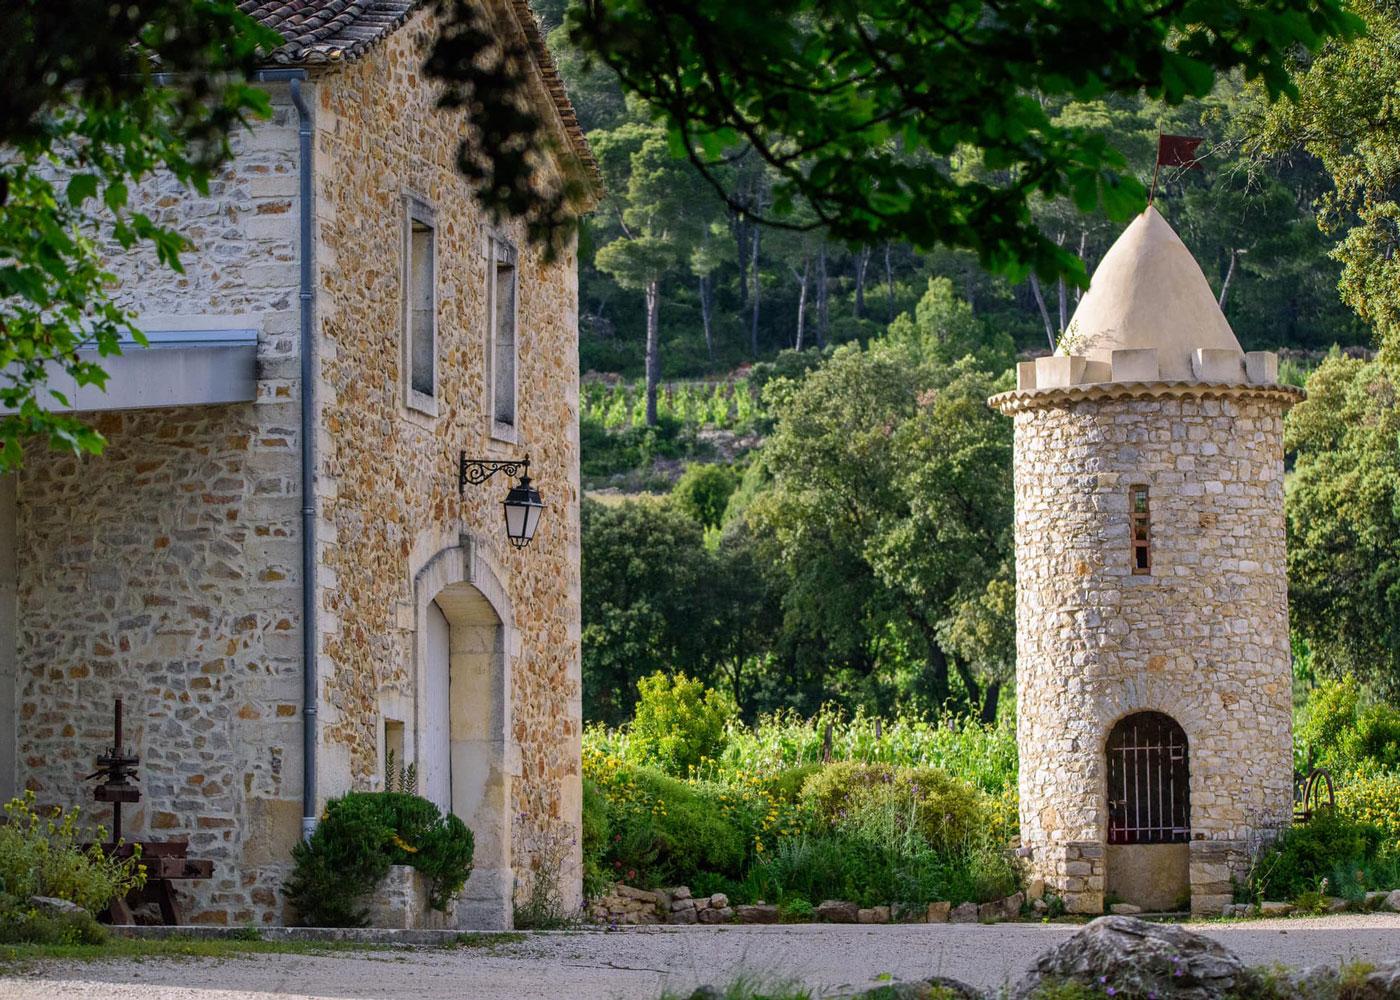 sudnly-chateau-la-roque-fontanes-chateau-pierres